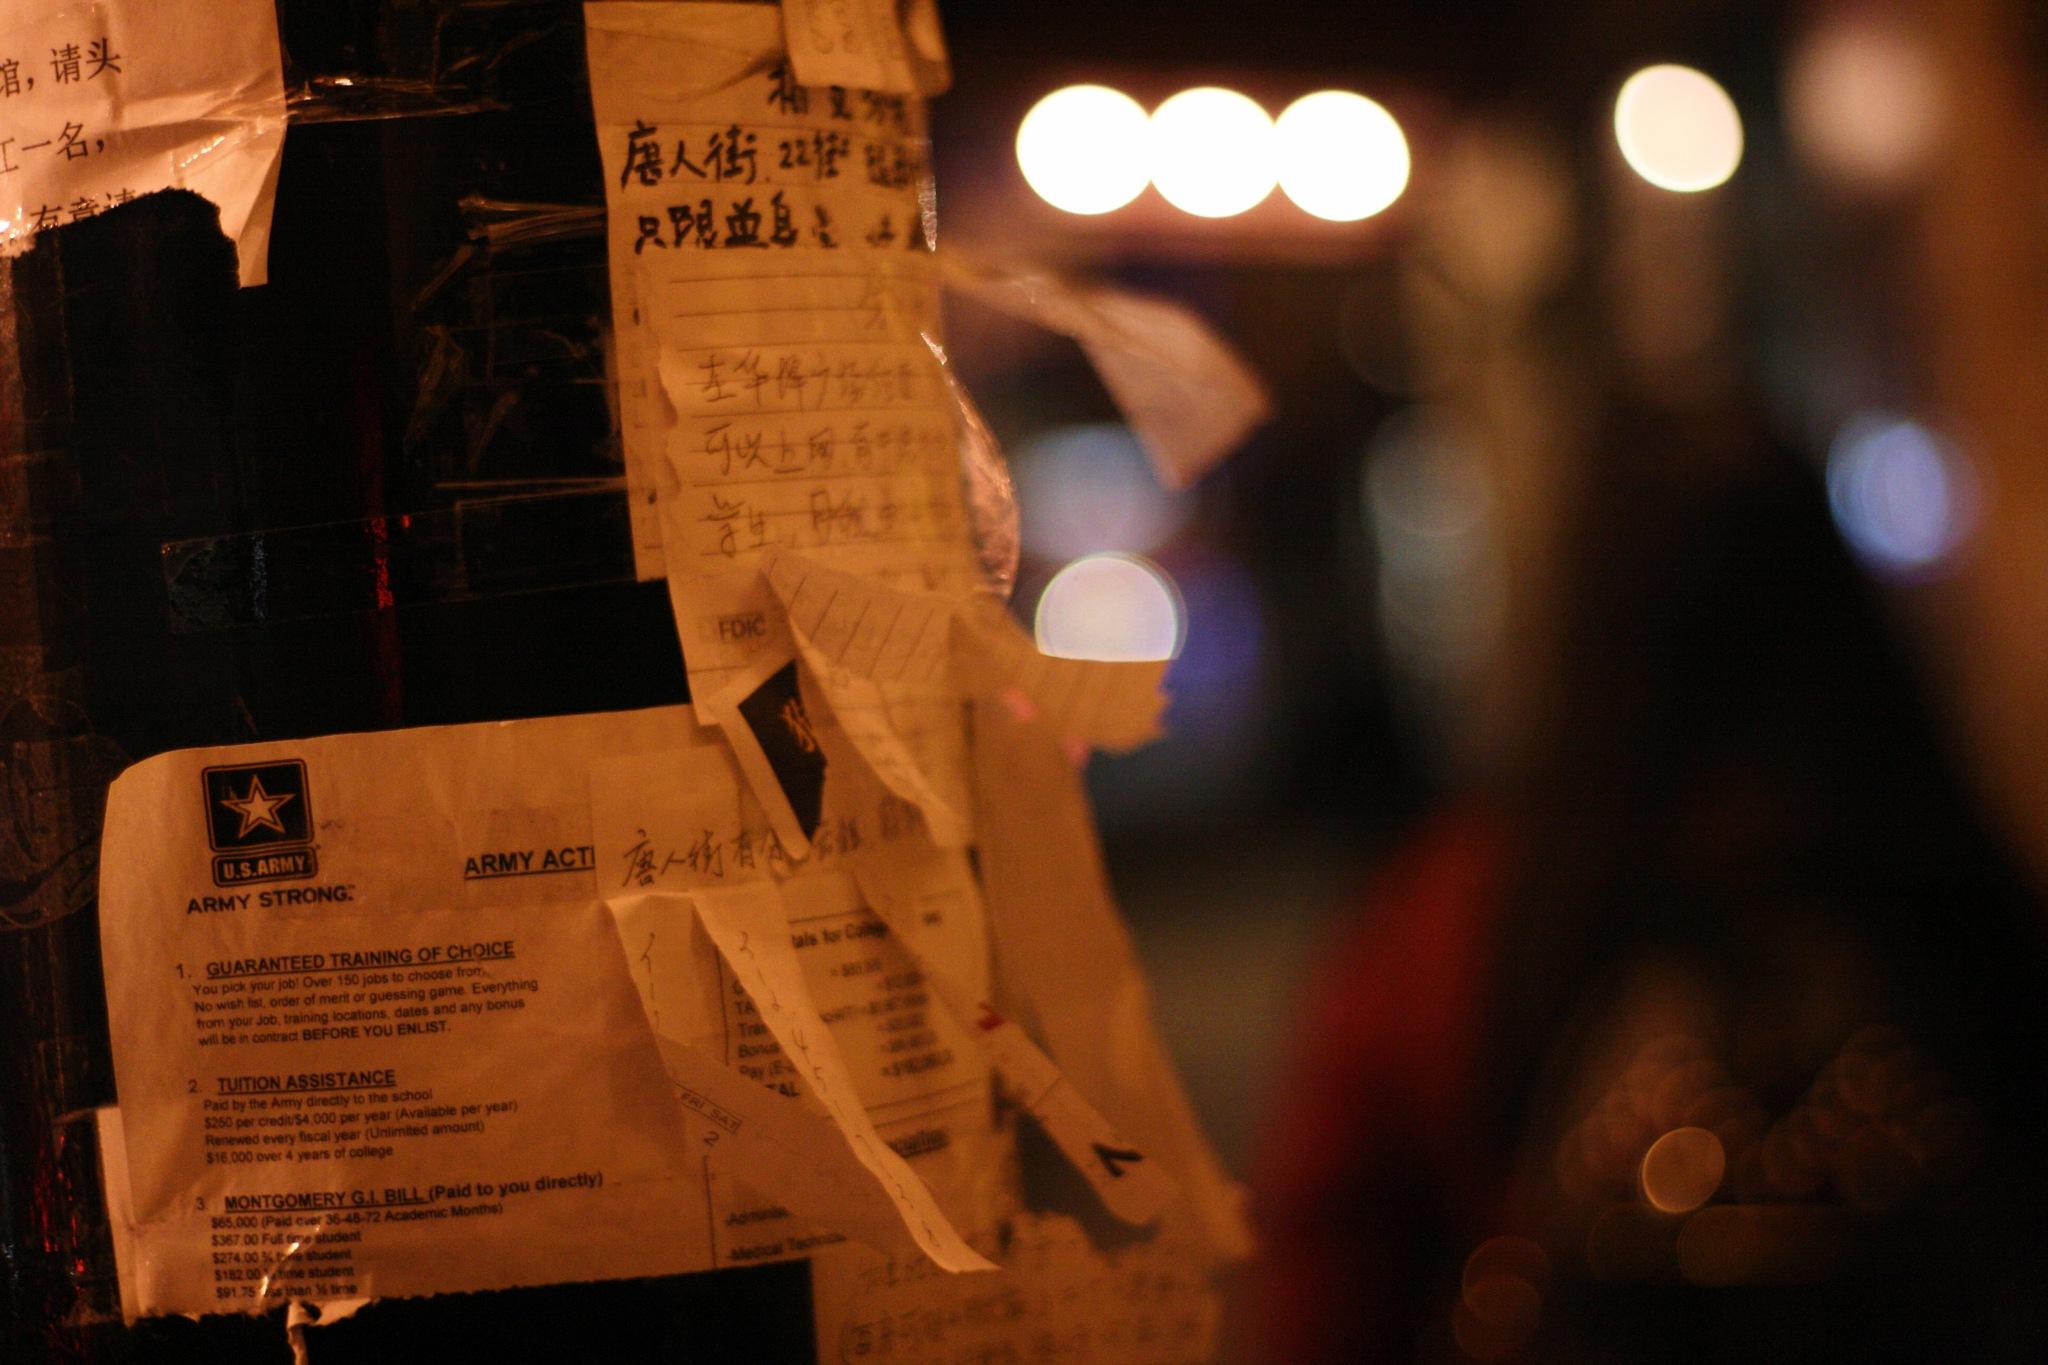 Directory in Chinatown by Barrett Bear Baker